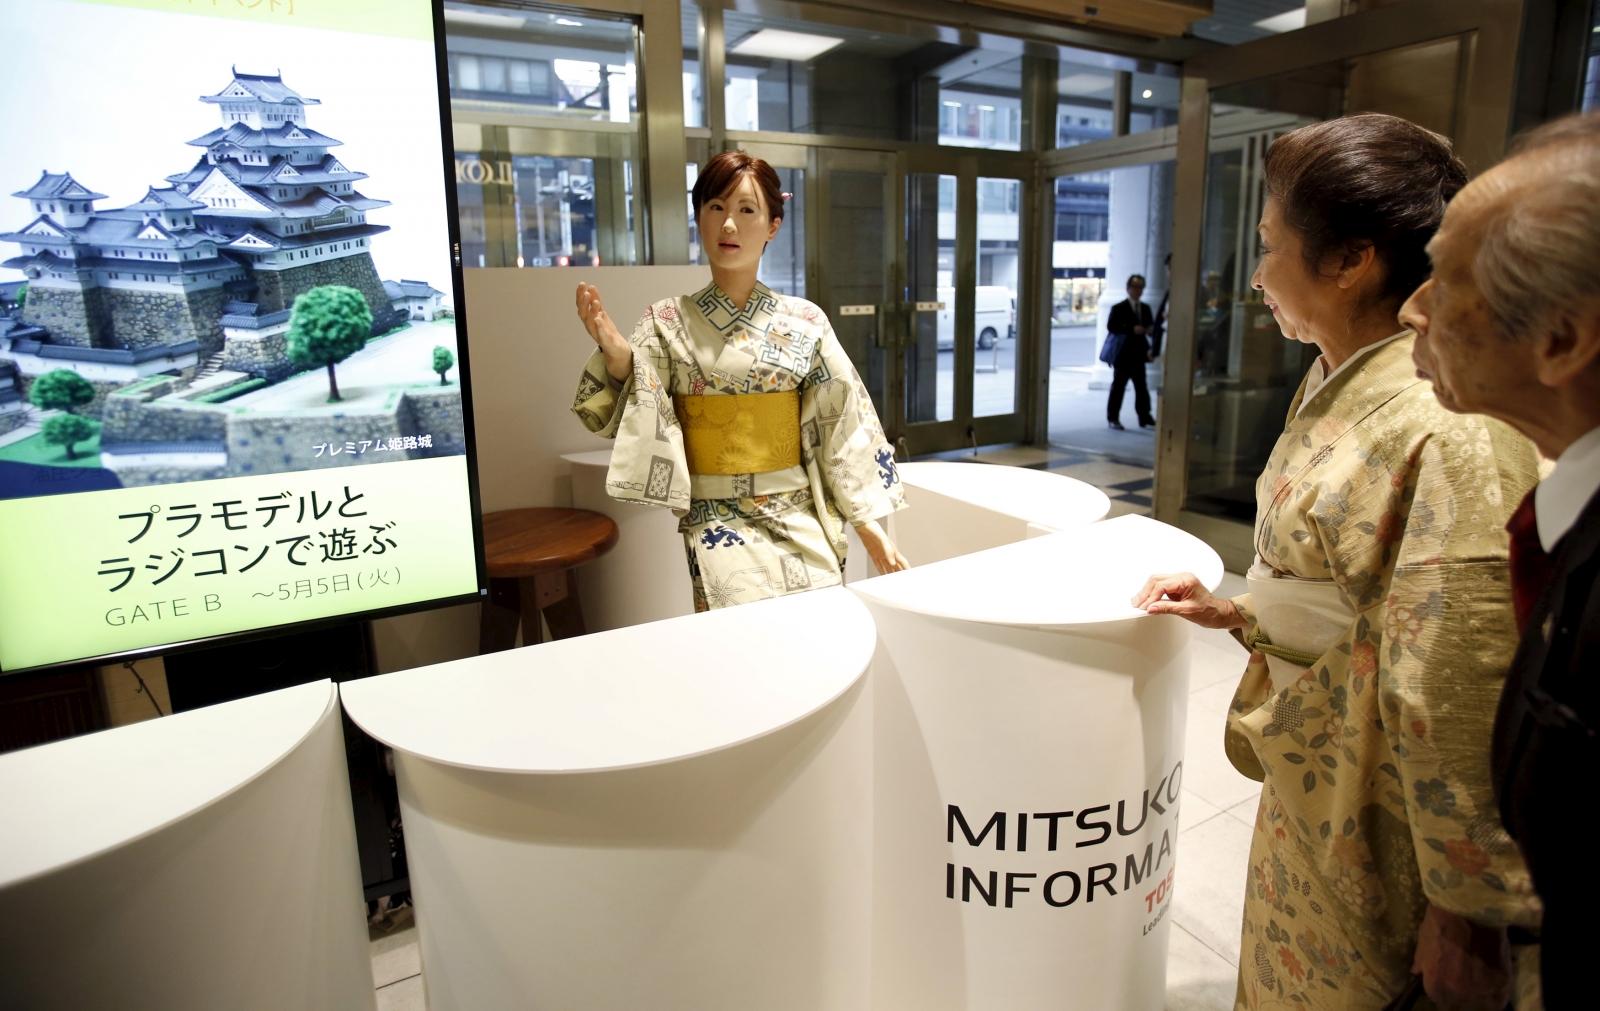 ChihiraAiko robot receptionist in Nihonbashi Mitsukoshi,